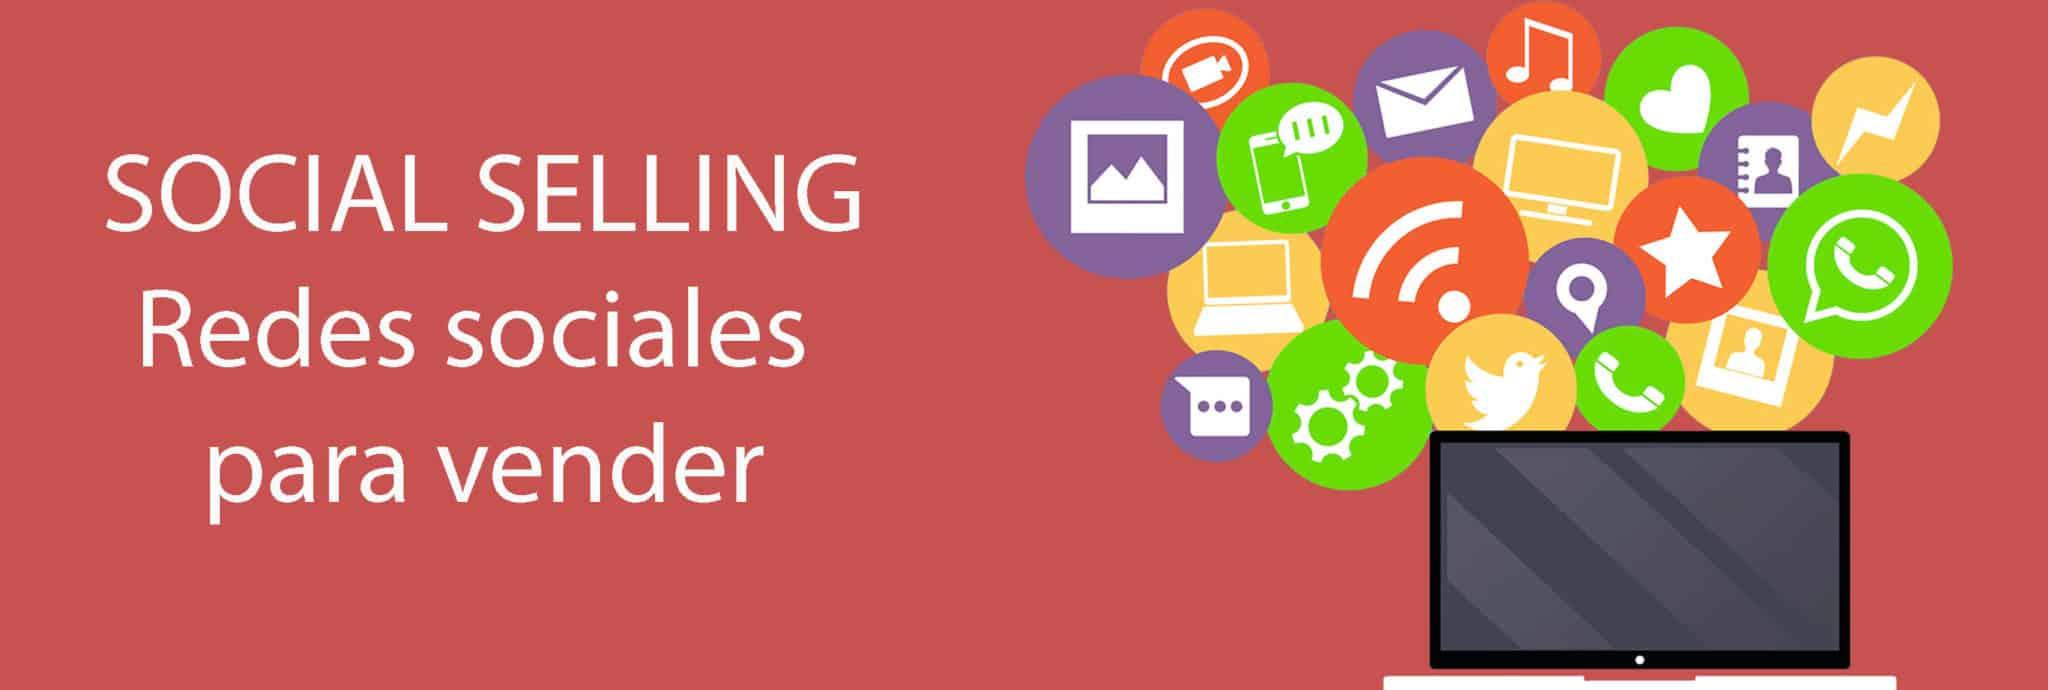 Uso de las redes sociale para vender. Socia selling